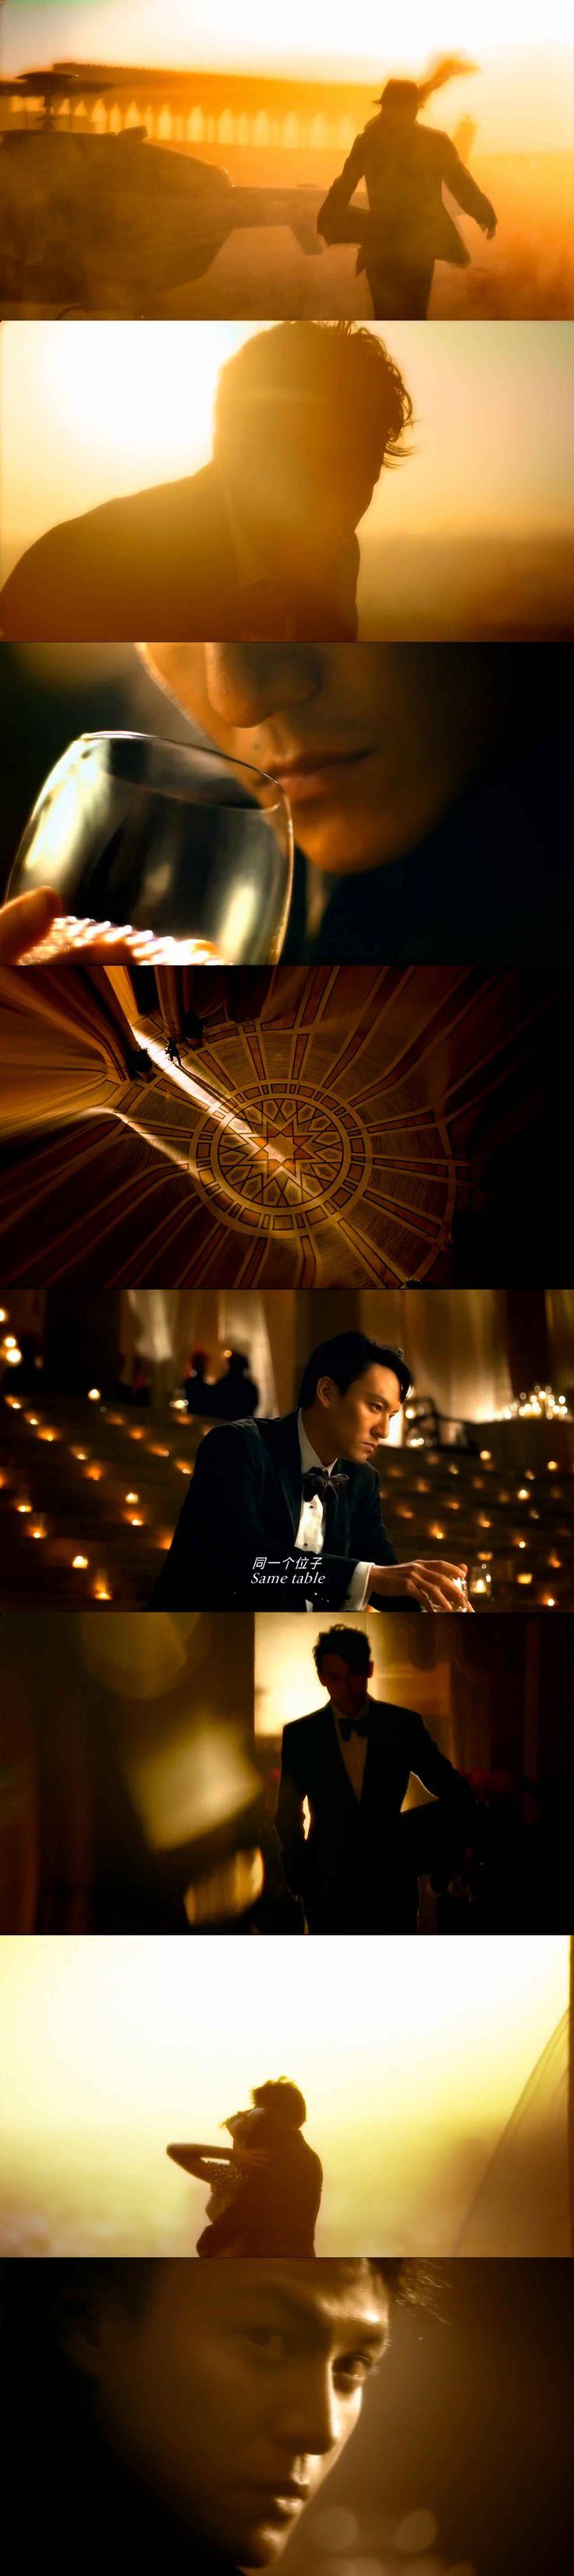 'Deja Vu'[Chivas Regal] (Wong Kar Wai) Cinematography by Philippe Le Sourd